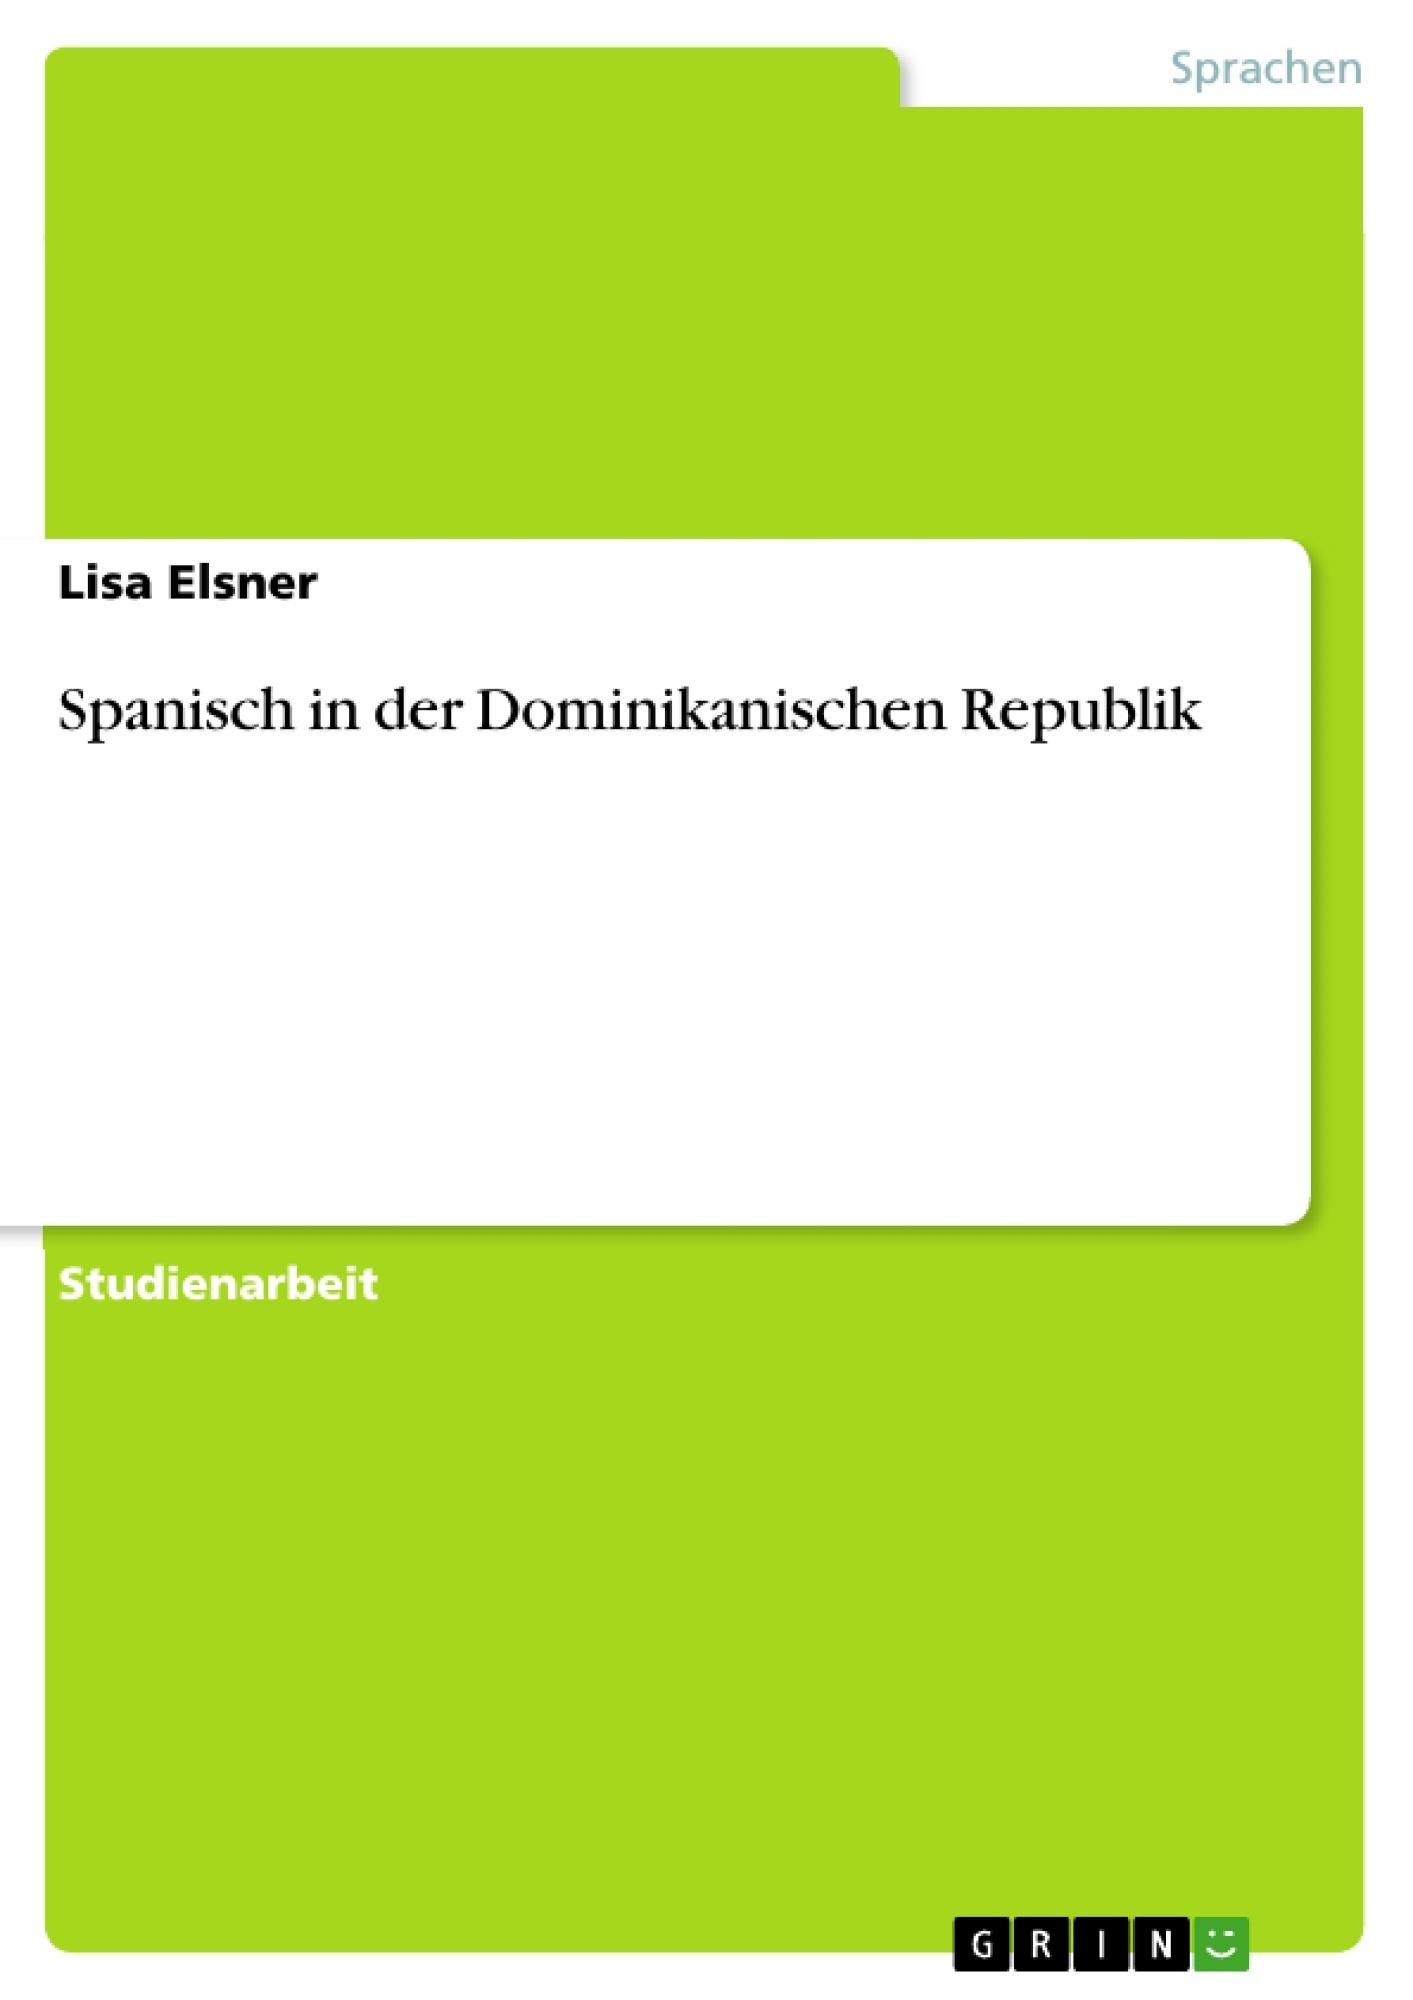 Titel: Spanisch in der Dominikanischen Republik